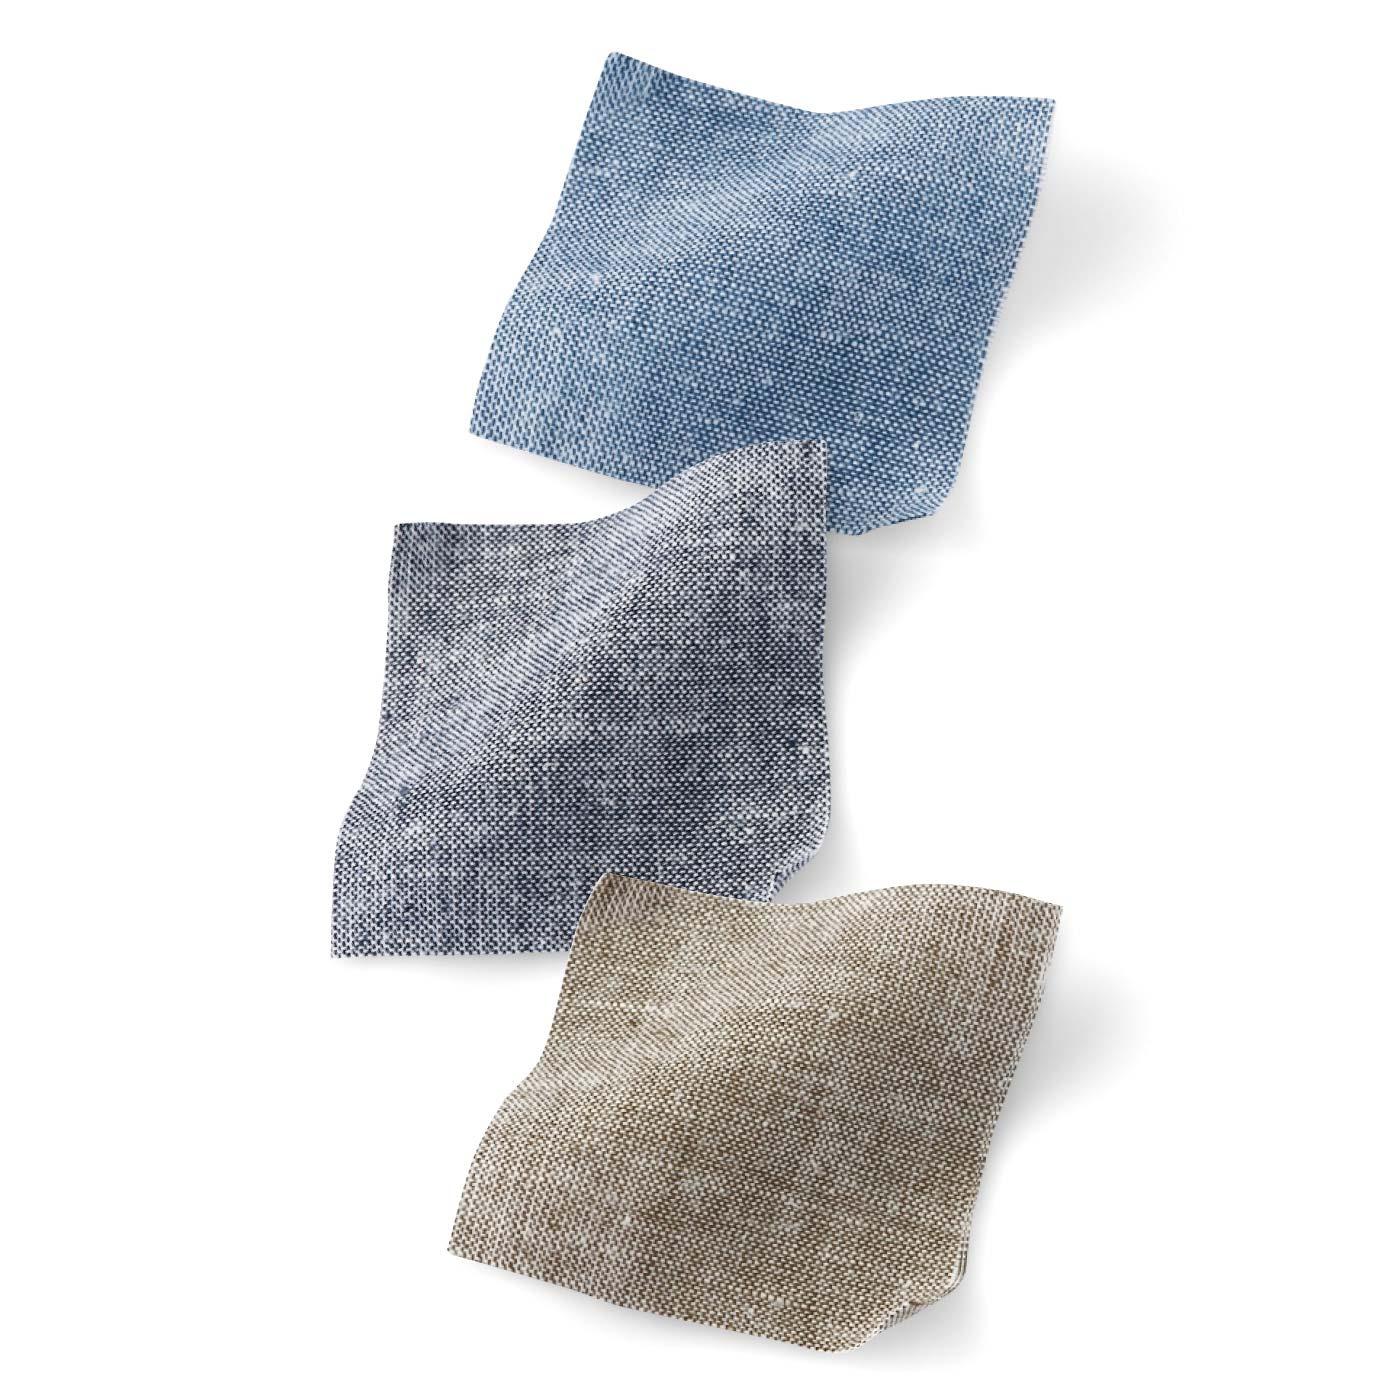 [さらりとした綿麻ダンガリー]適度な張り感でからだの線をひろいにくく、大人な印象。天然素材で肌ざわり抜群です。